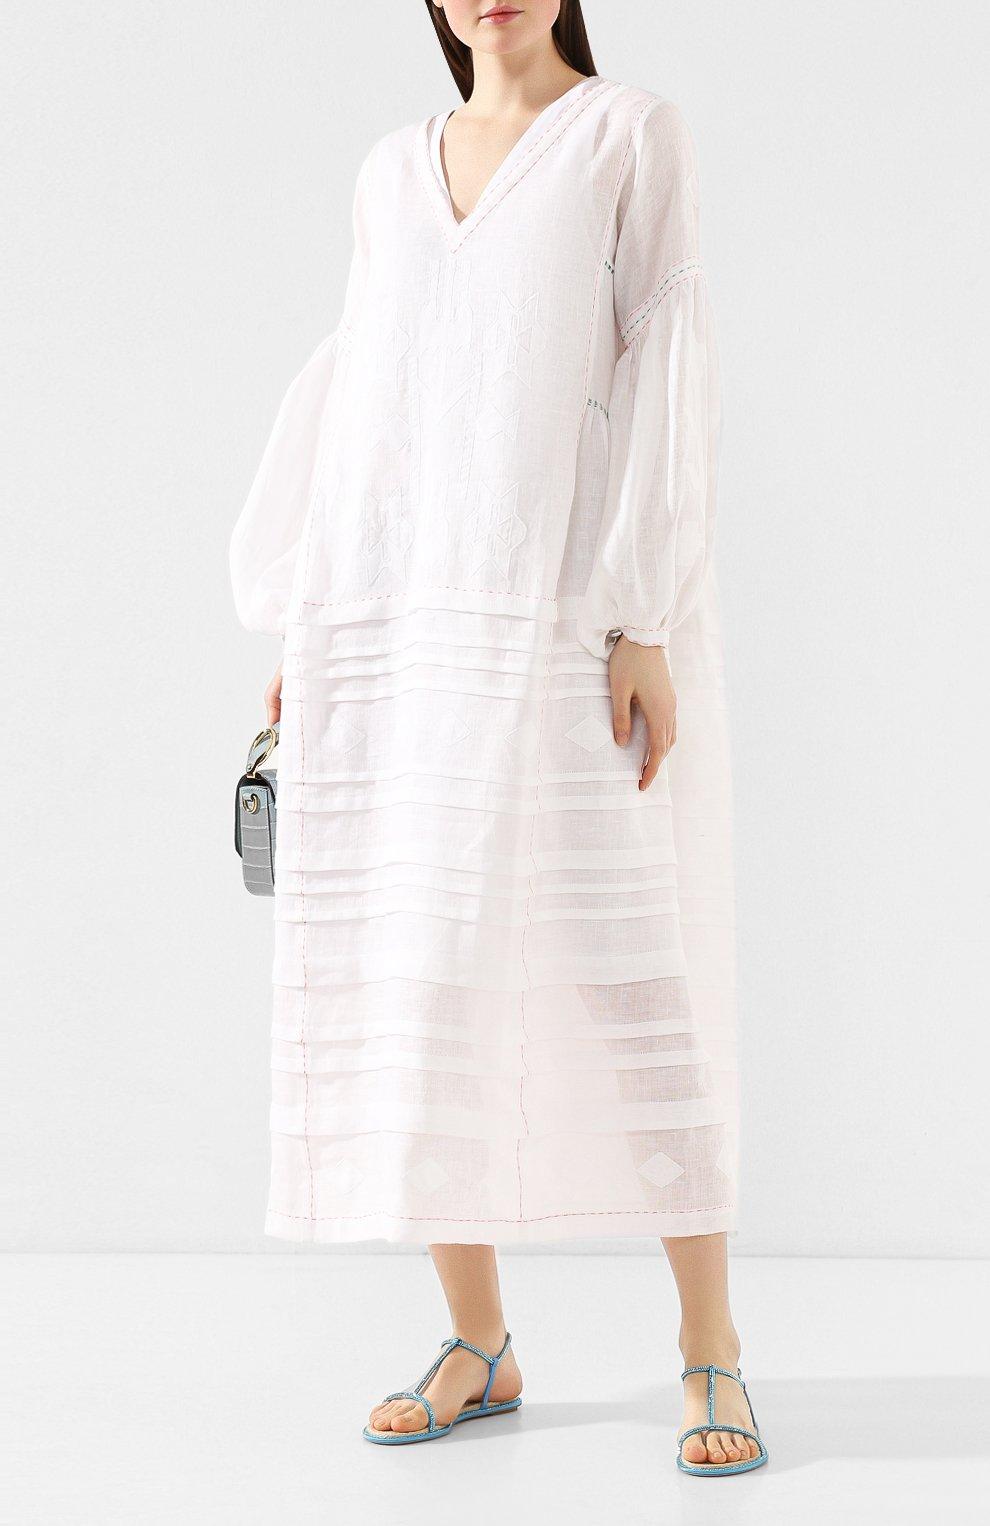 Текстильные сандалии Amalia | Фото №2